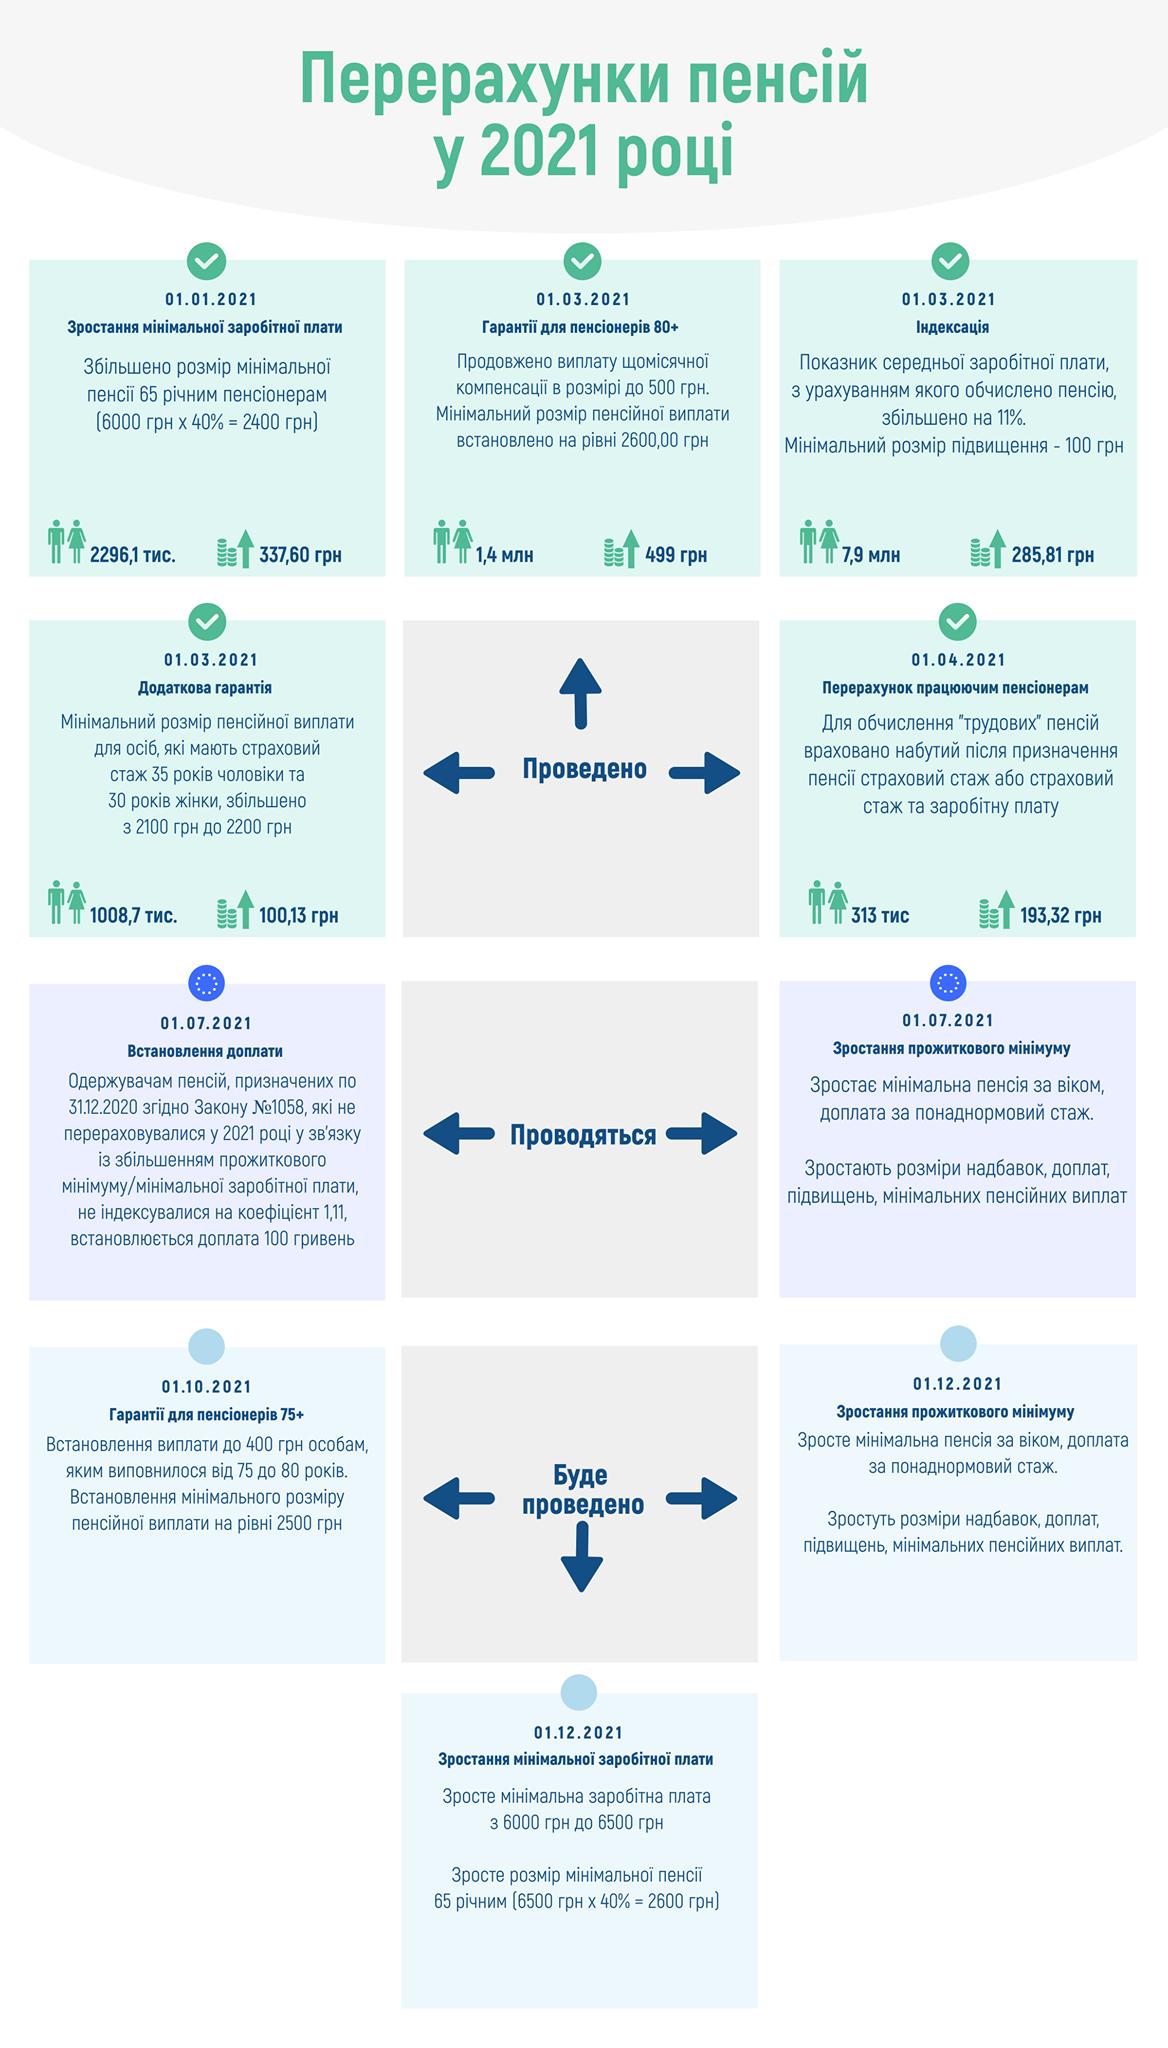 Пенсії у 2021 році: українцям готують нові сюрпризи